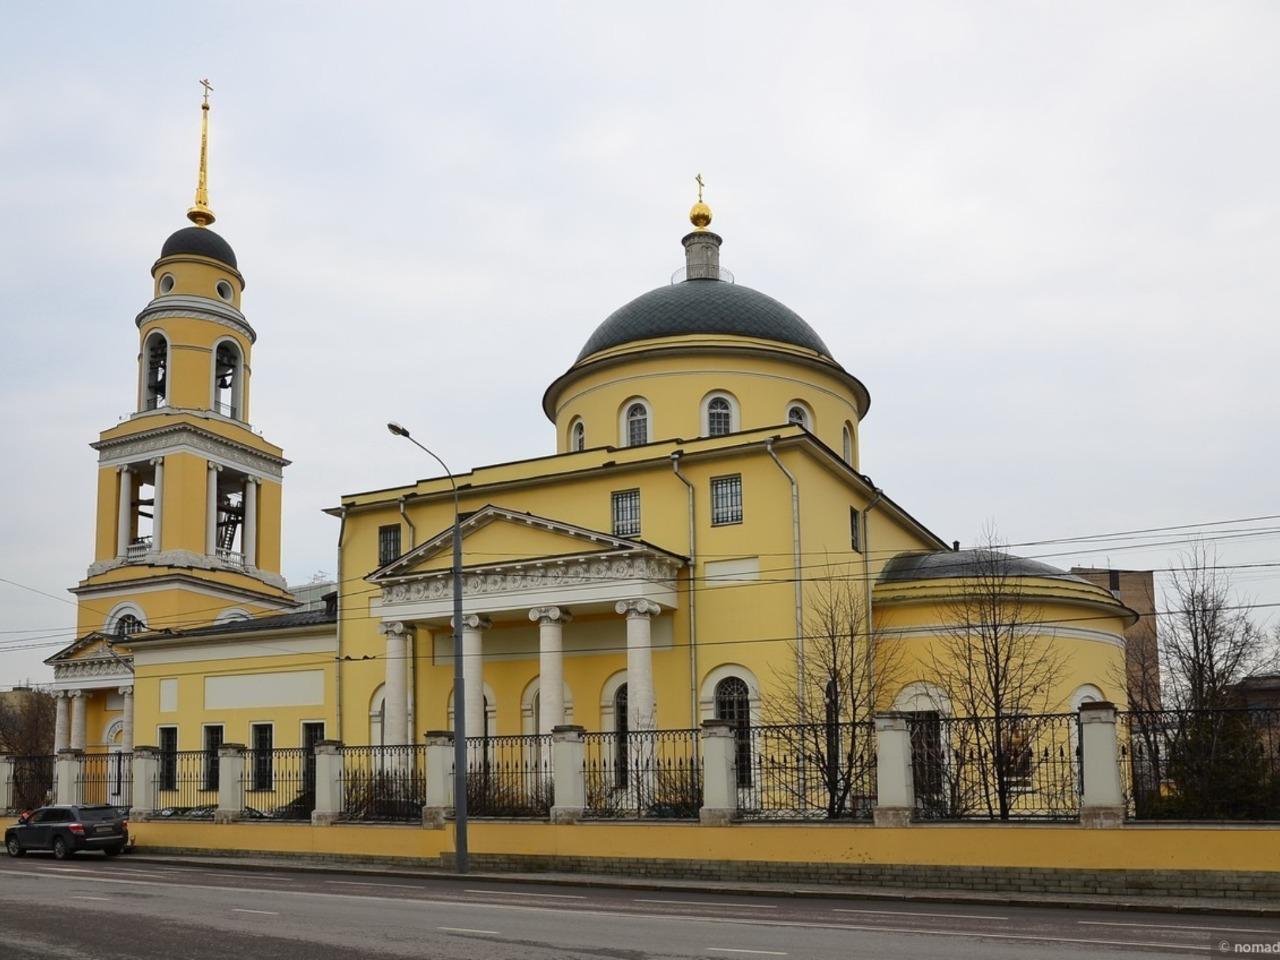 По Большой Никитской в гости к Алексею Толстому - индивидуальная экскурсия в Москве от опытного гида